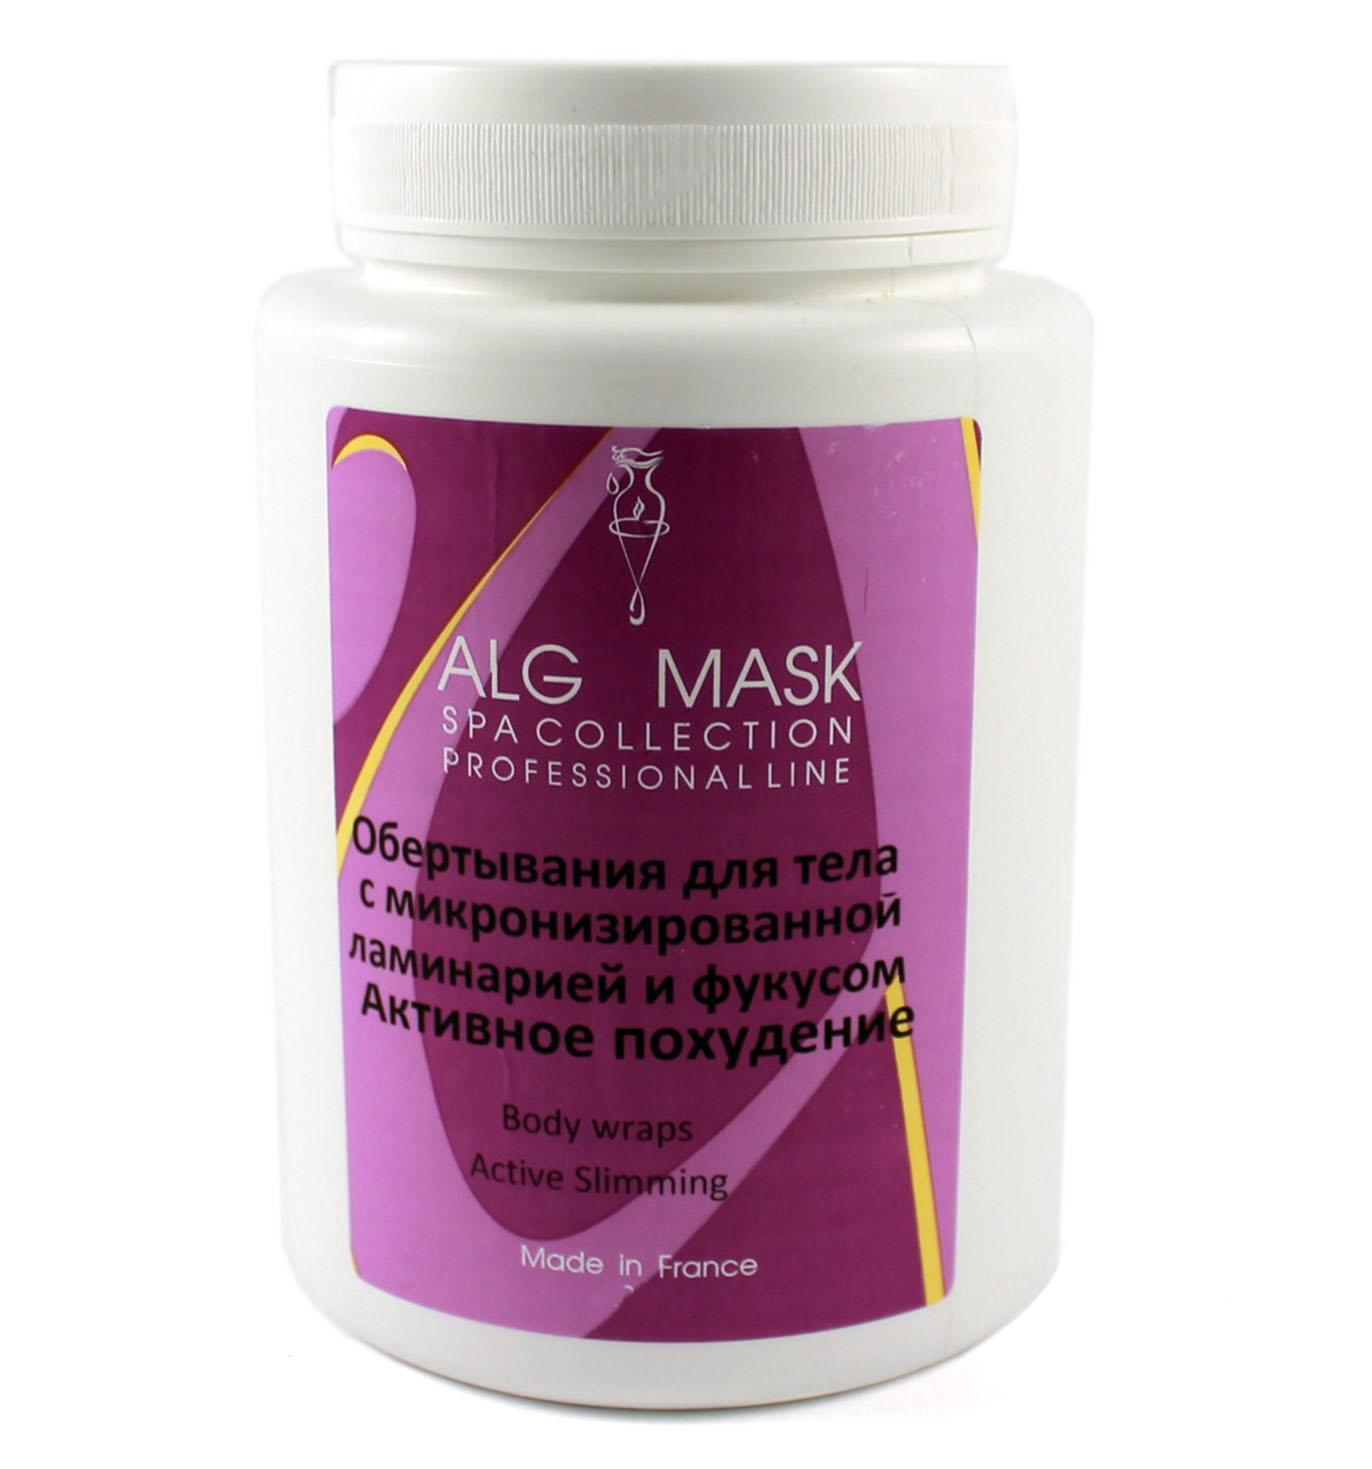 Альгинатная маска для тела Alg   Spa Активное похудение с ламинарией и фукусом 1 кг